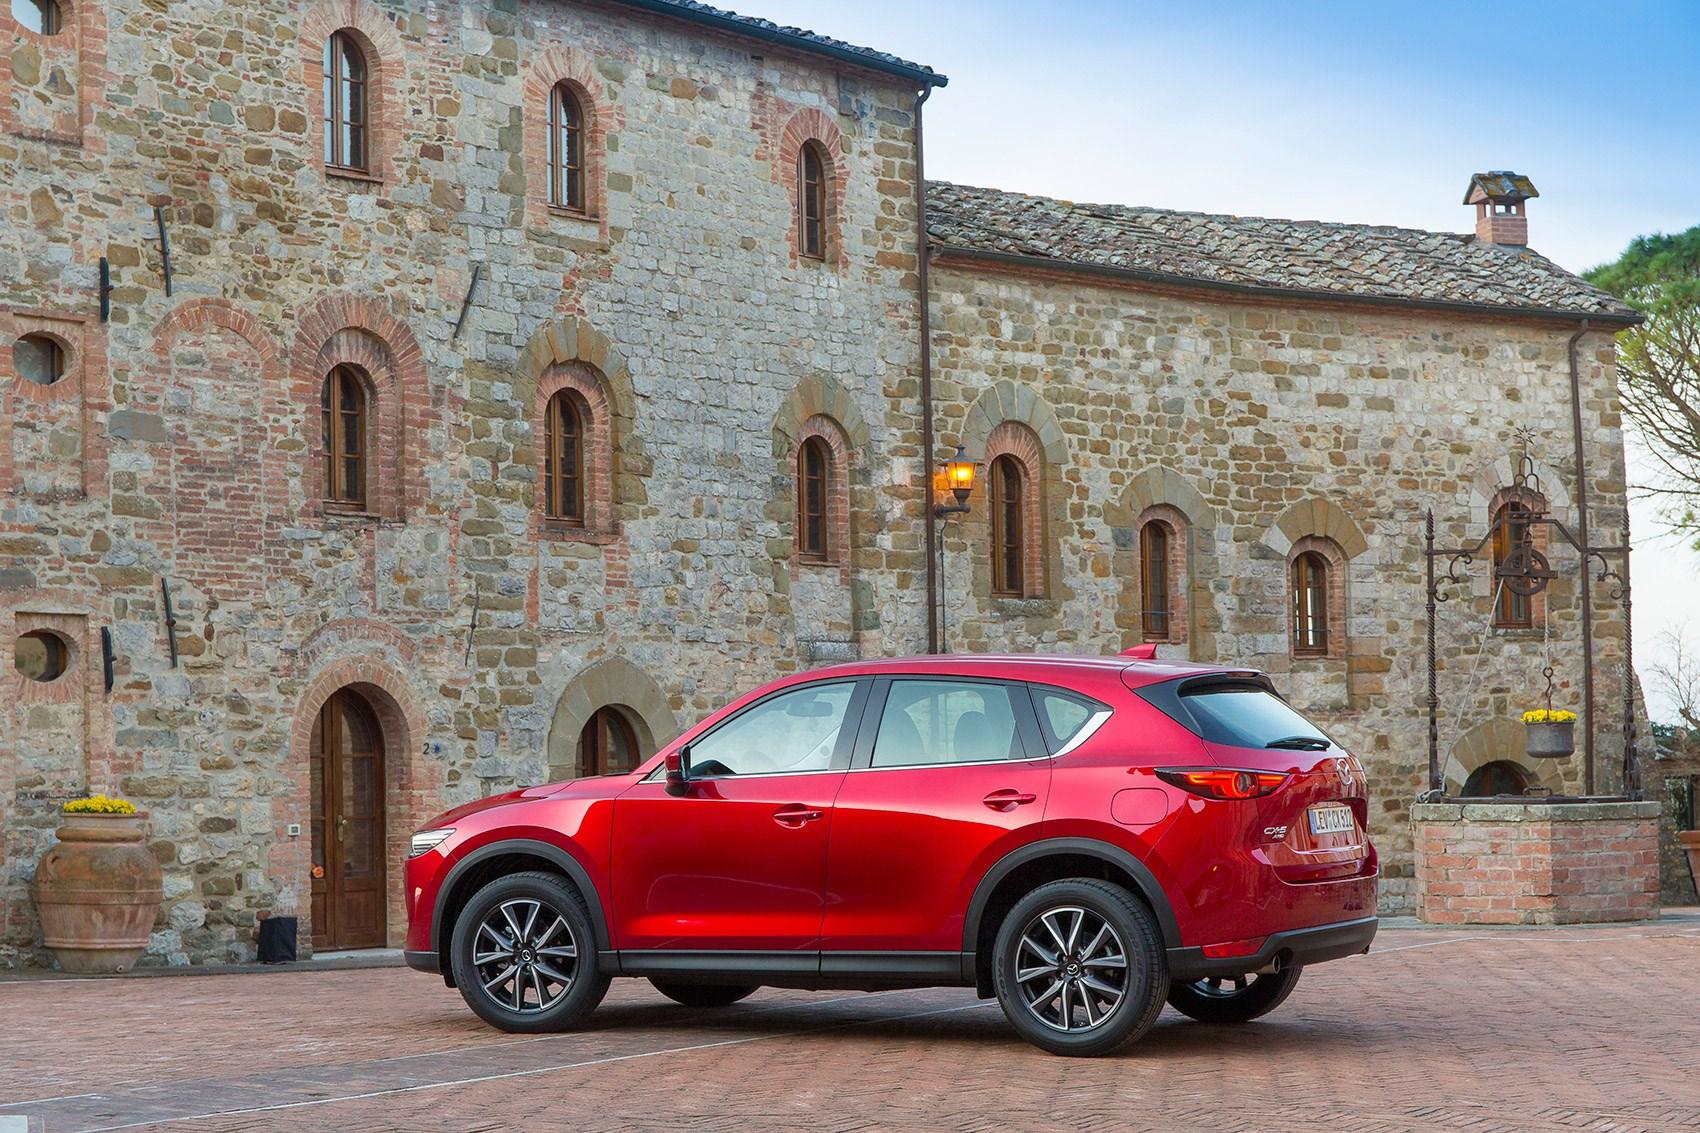 New 2017 Mazda CX-5 rear end